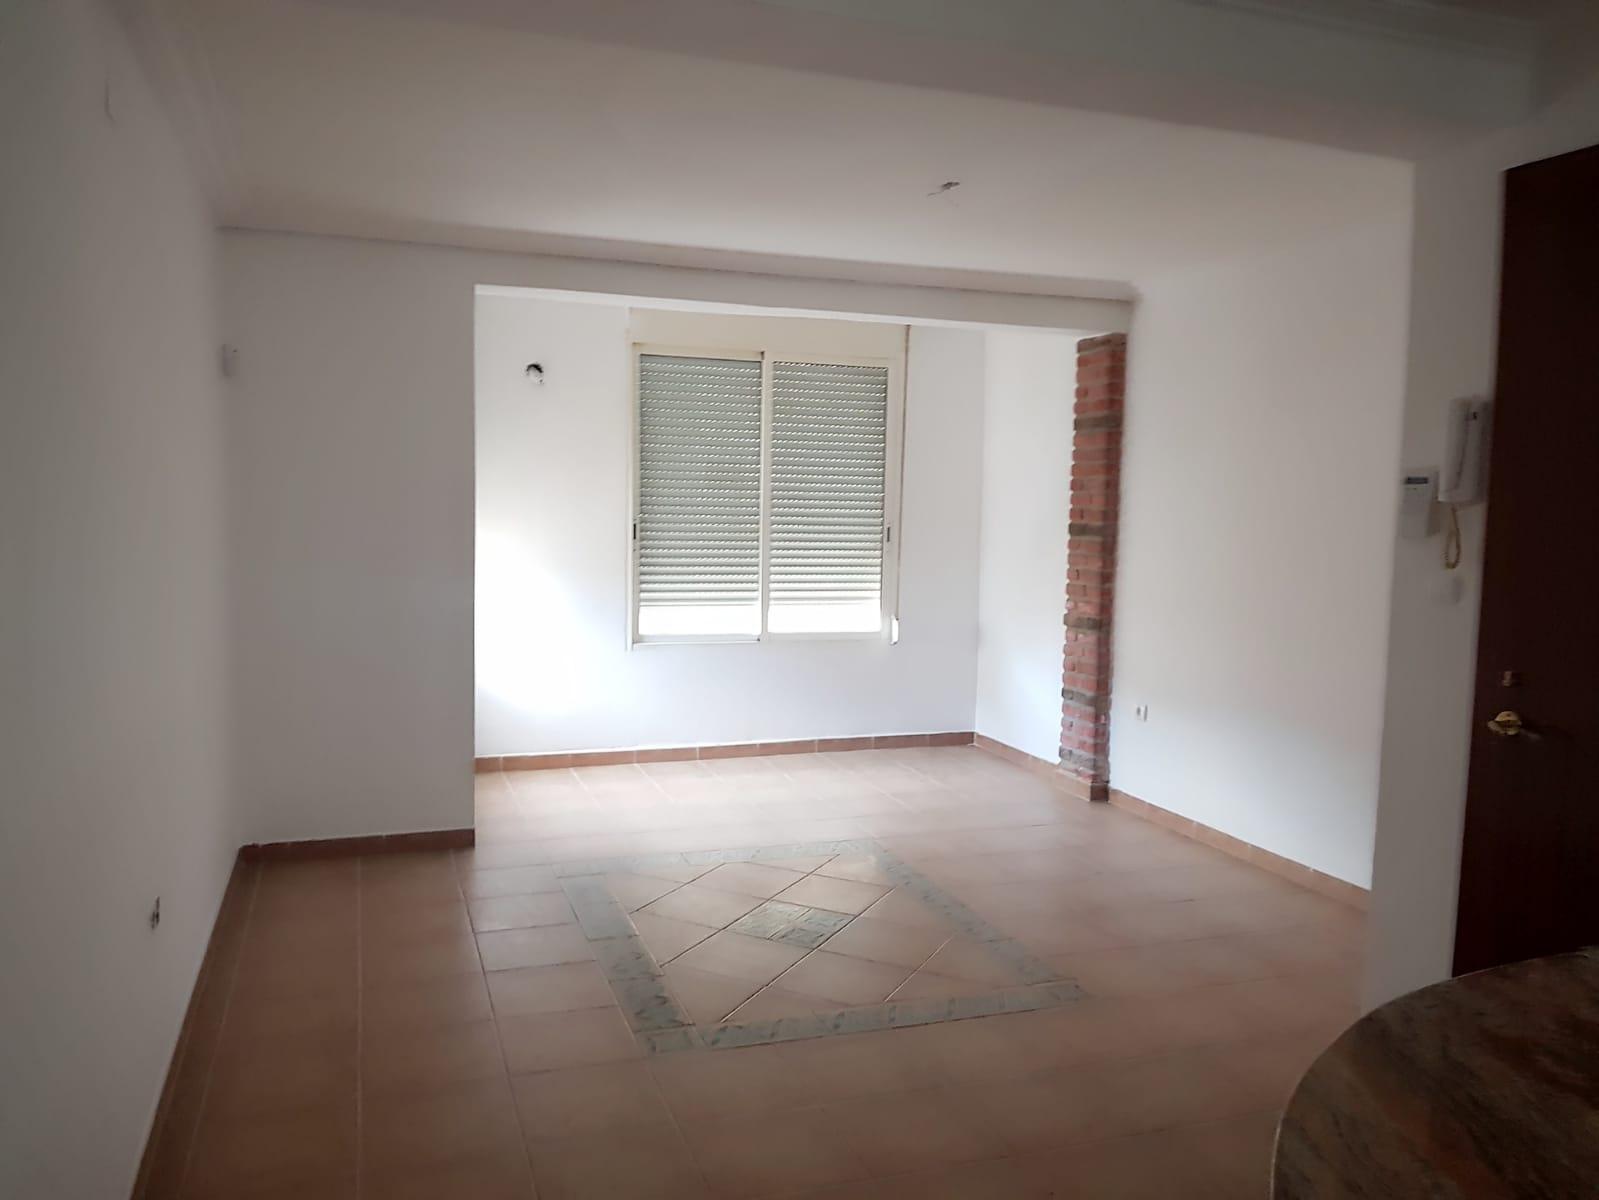 Piso en venta en Burriana, Castellón, Calle Pizarro, 41.000 €, 4 habitaciones, 1 baño, 85 m2